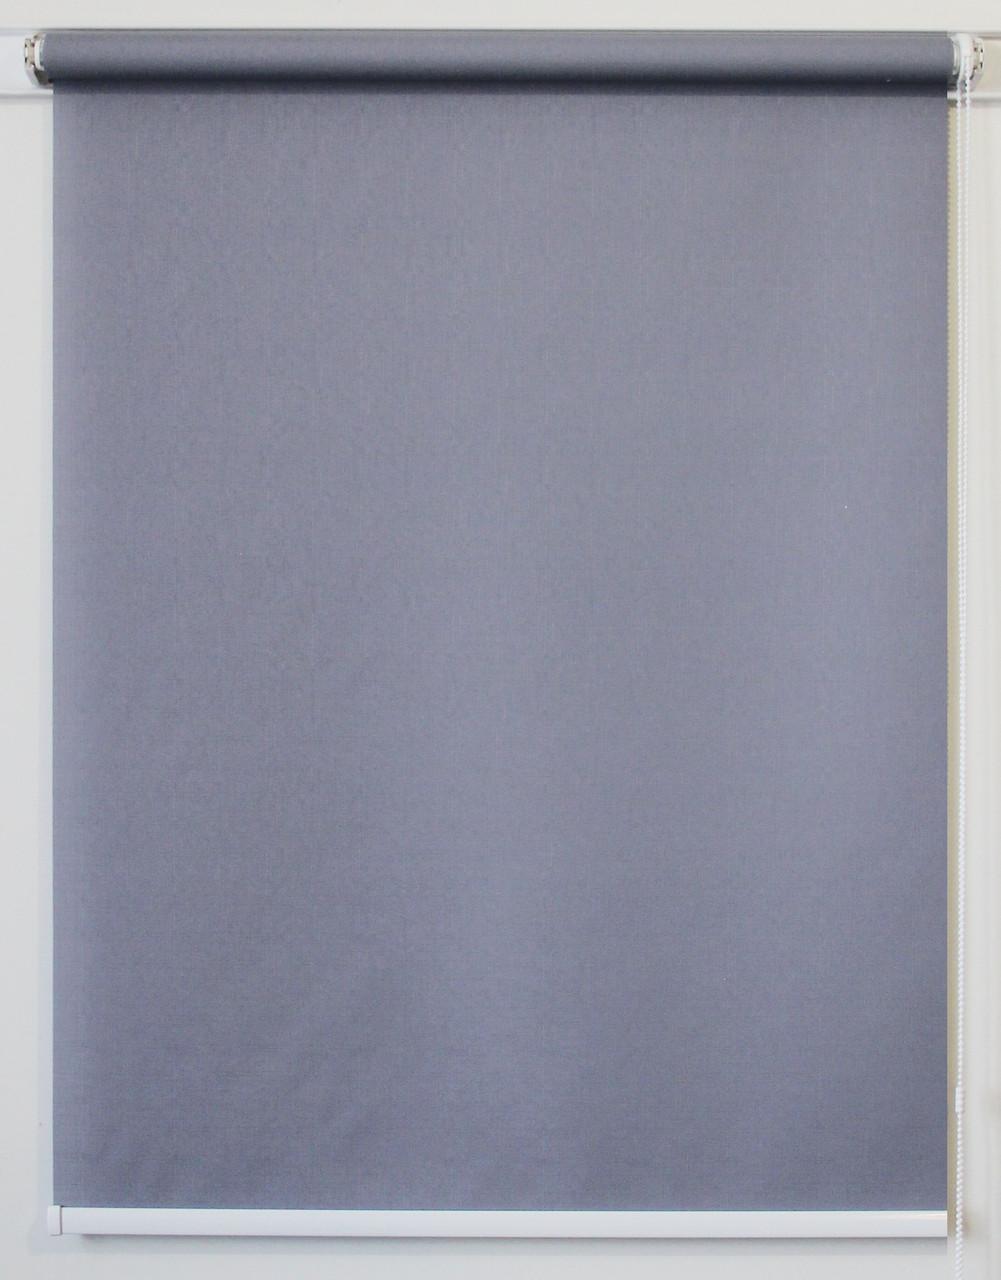 Рулонная штора 825*1500 Ткань Лён 7436 Серый